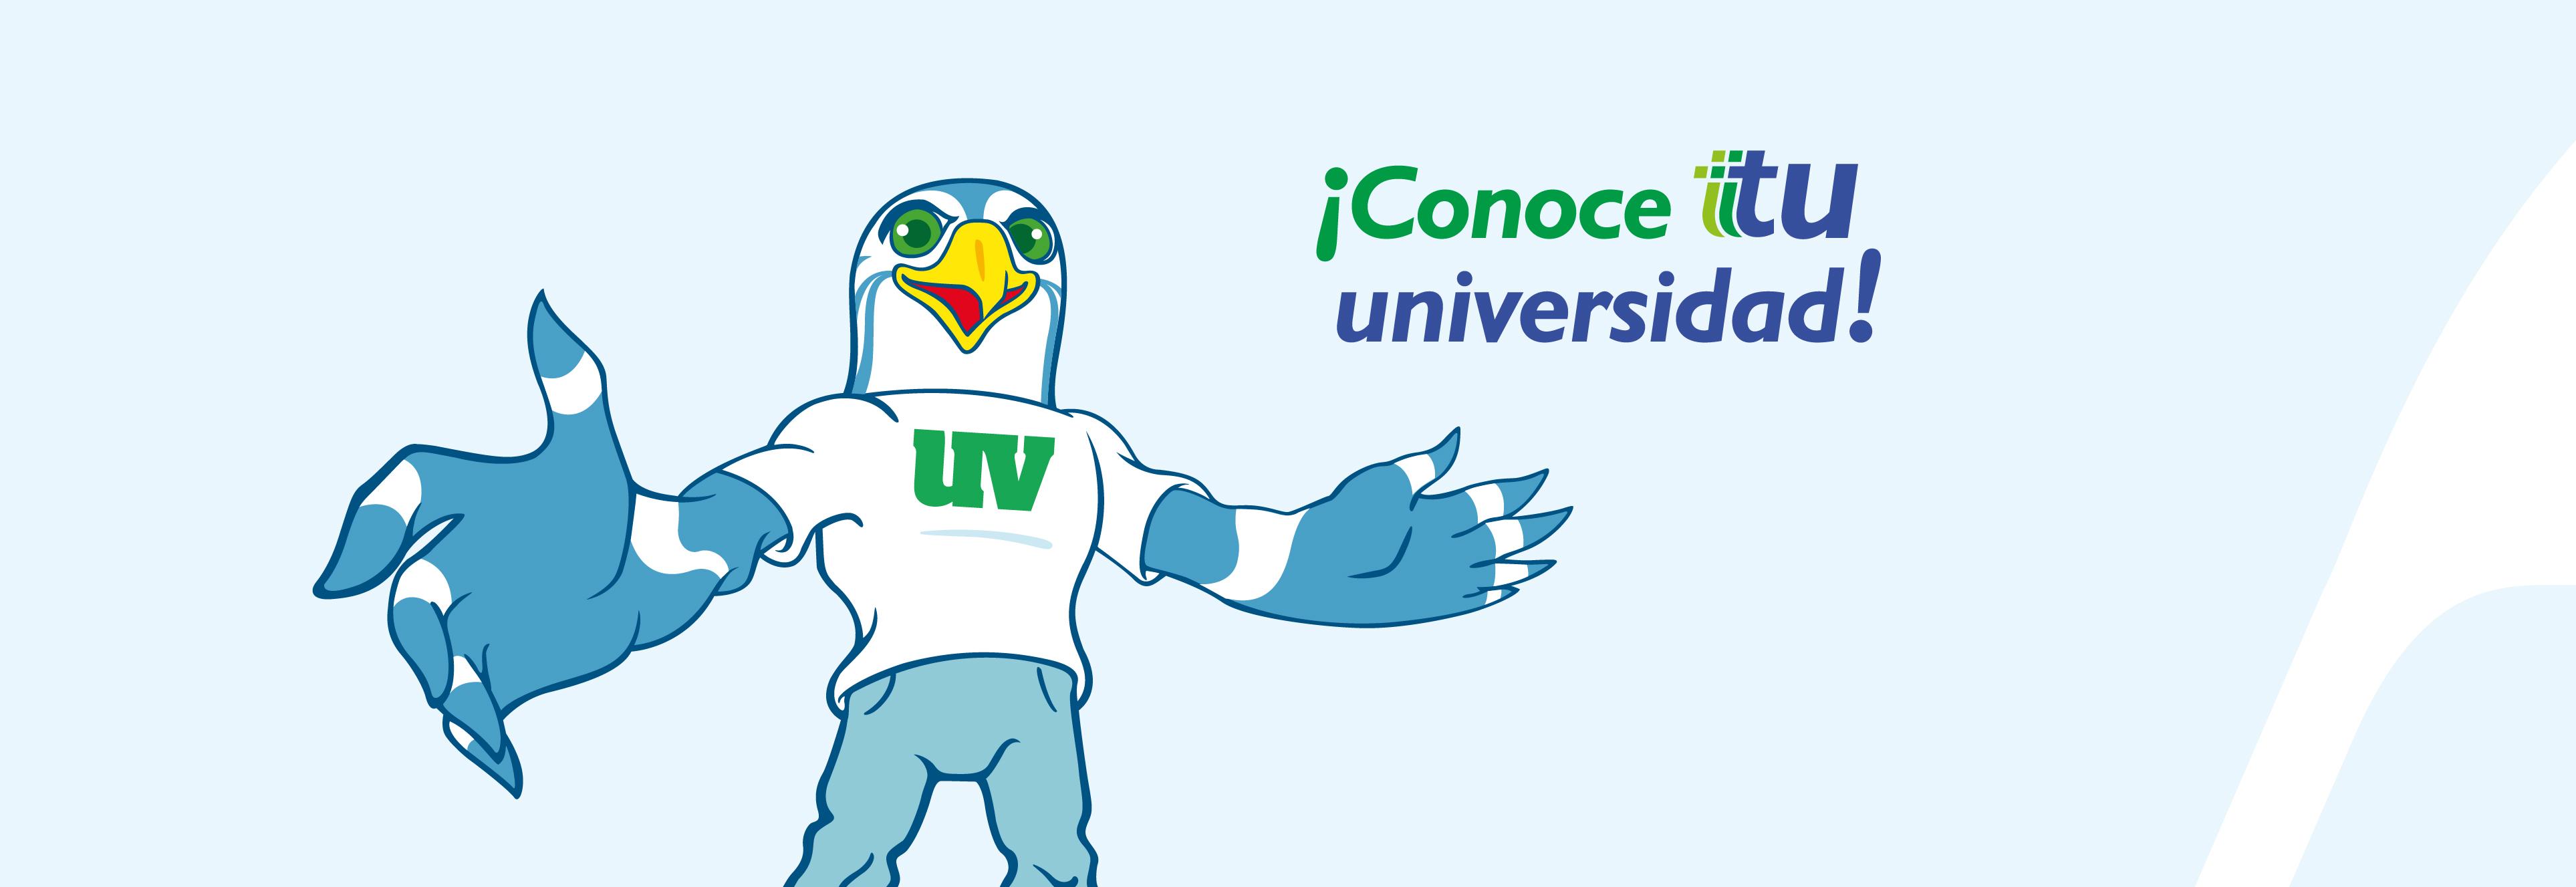 Banner_Conoce-tu-universidad